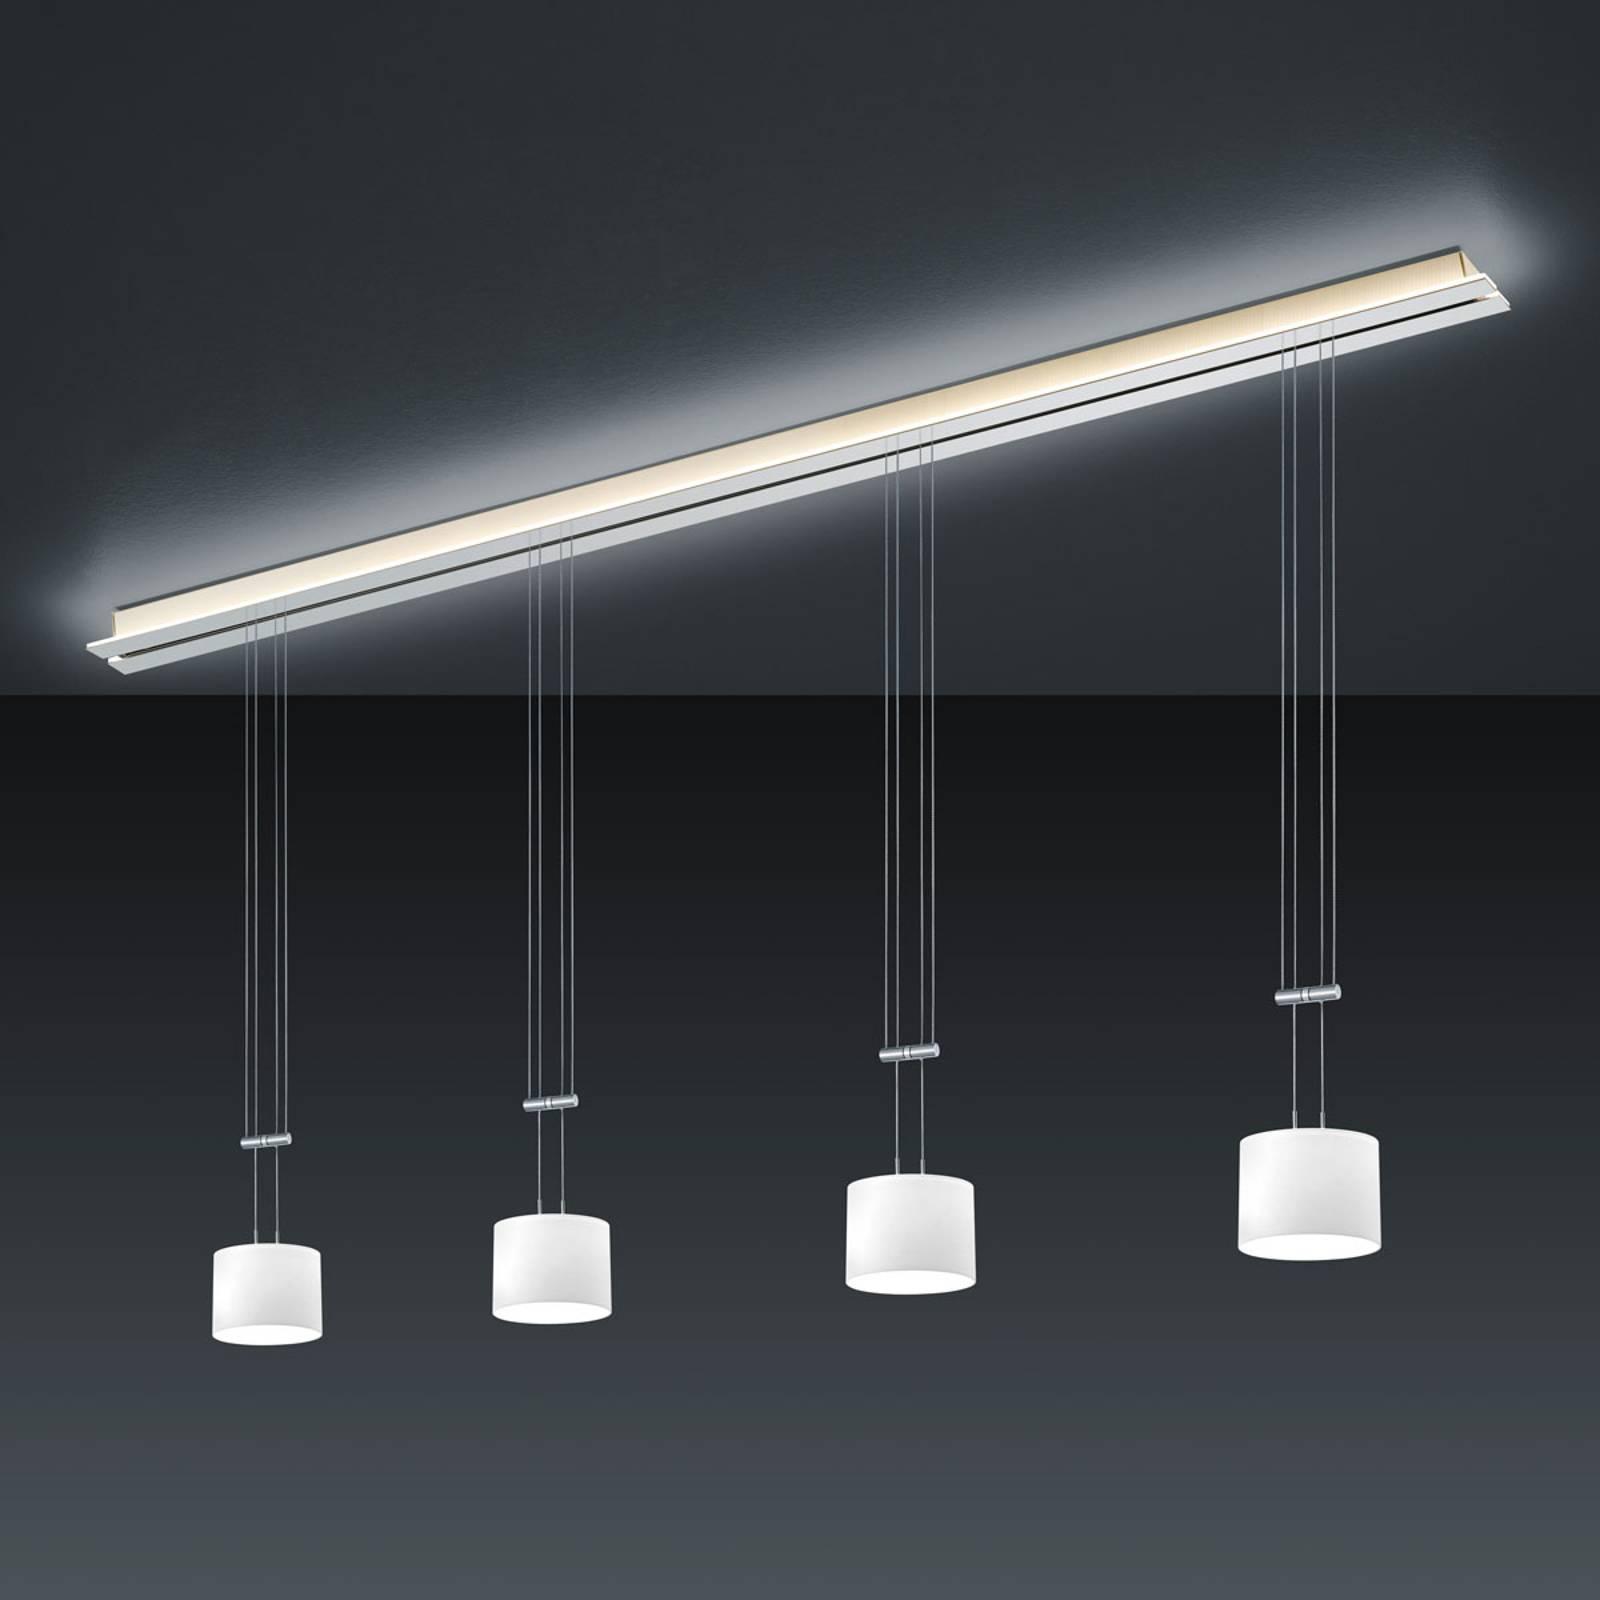 BANKAMP Strada Gracia hanglamp, 4-lamps, 185 cm